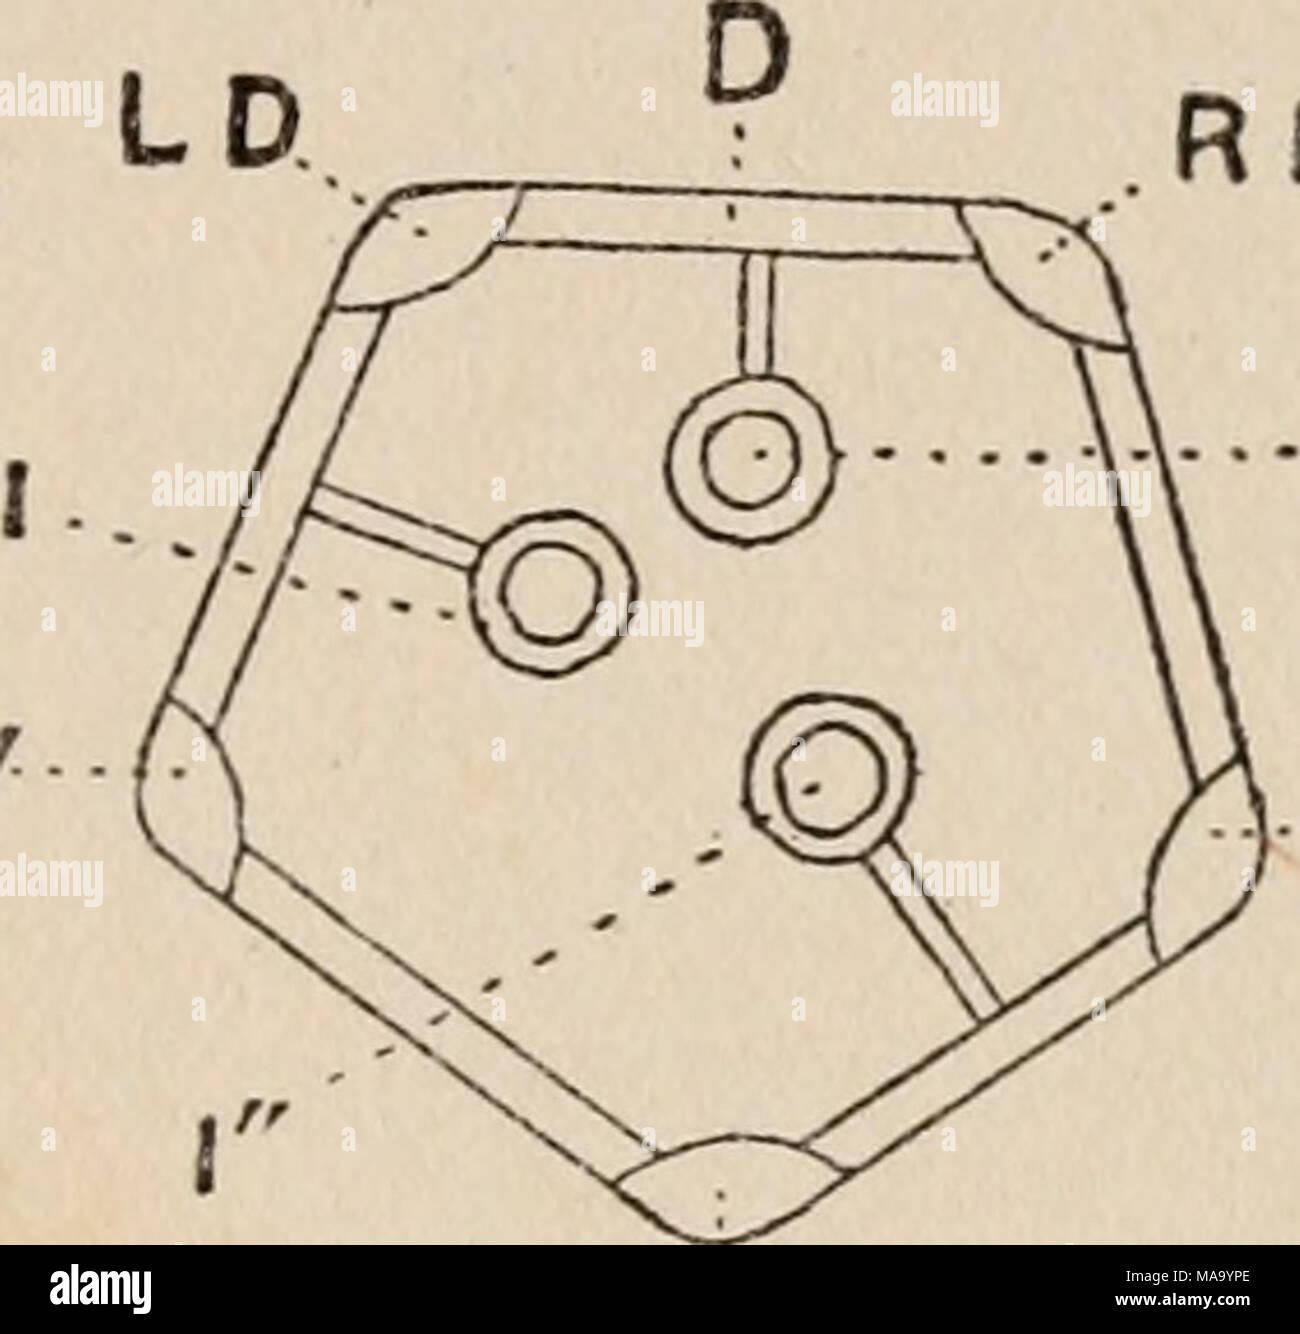 Ungewöhnlich Markierte Diagramm Des Menschlichen Auges Galerie ...